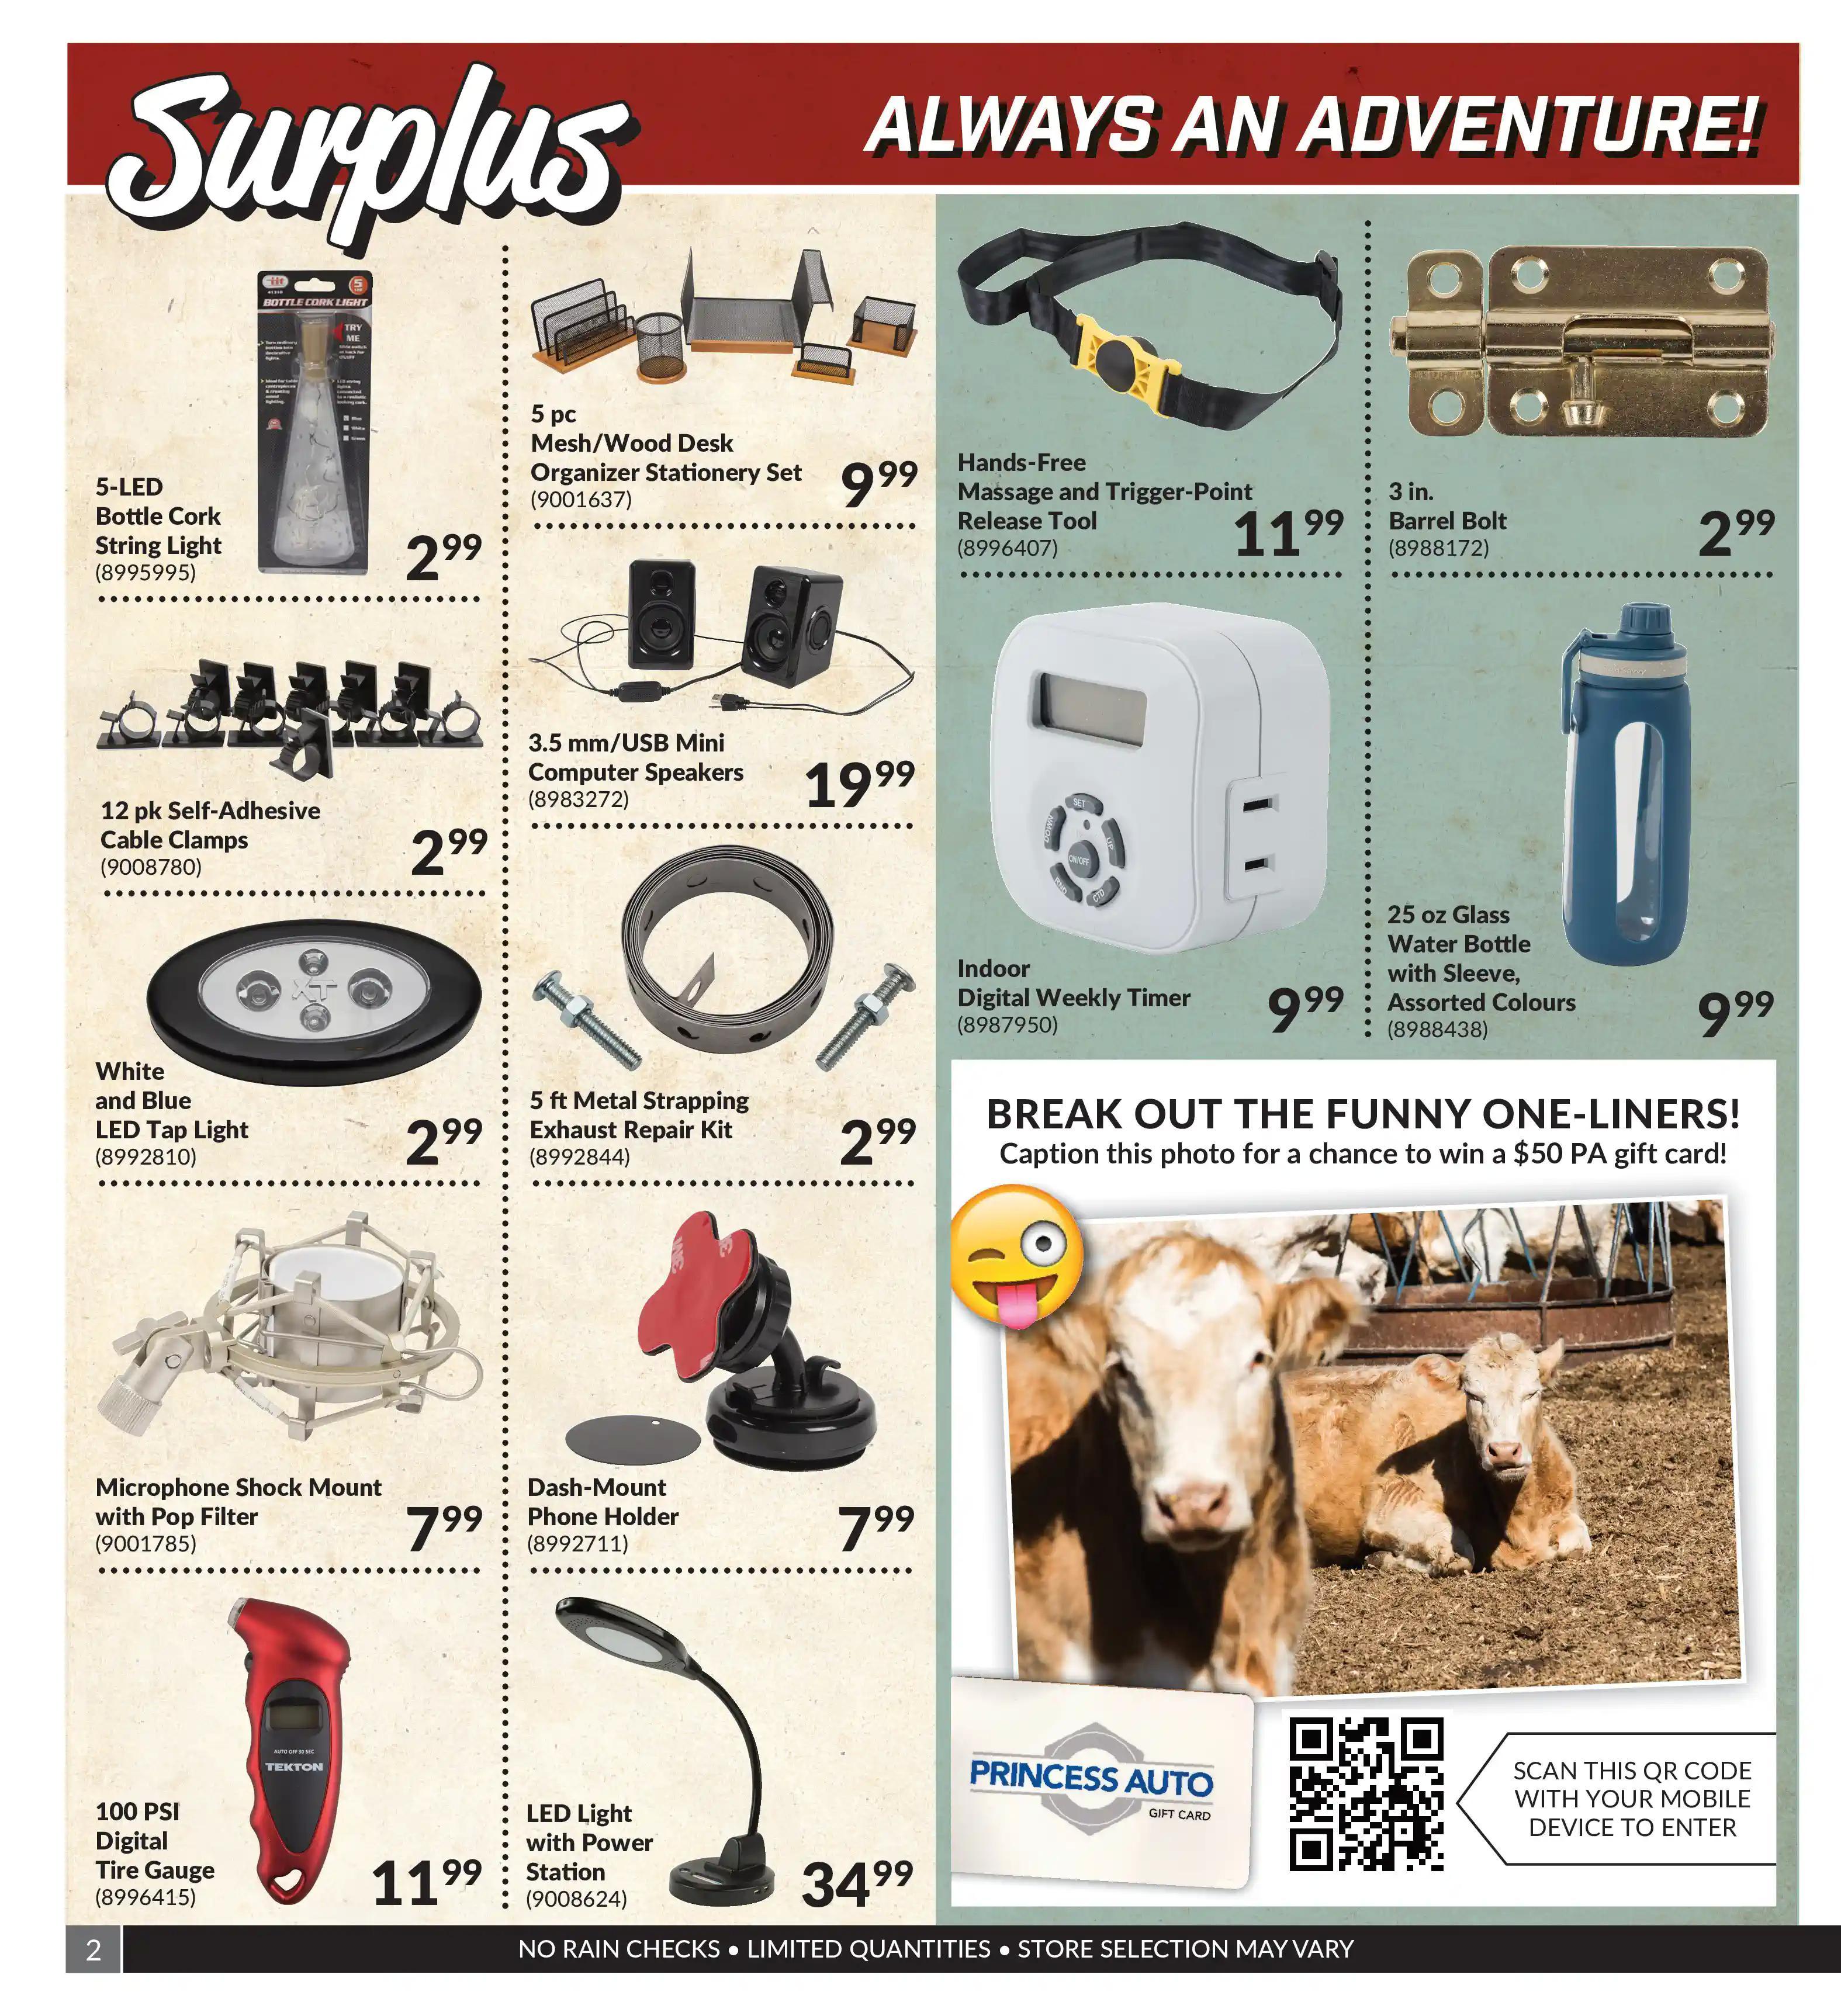 Princess Auto - Surplus - Page 2